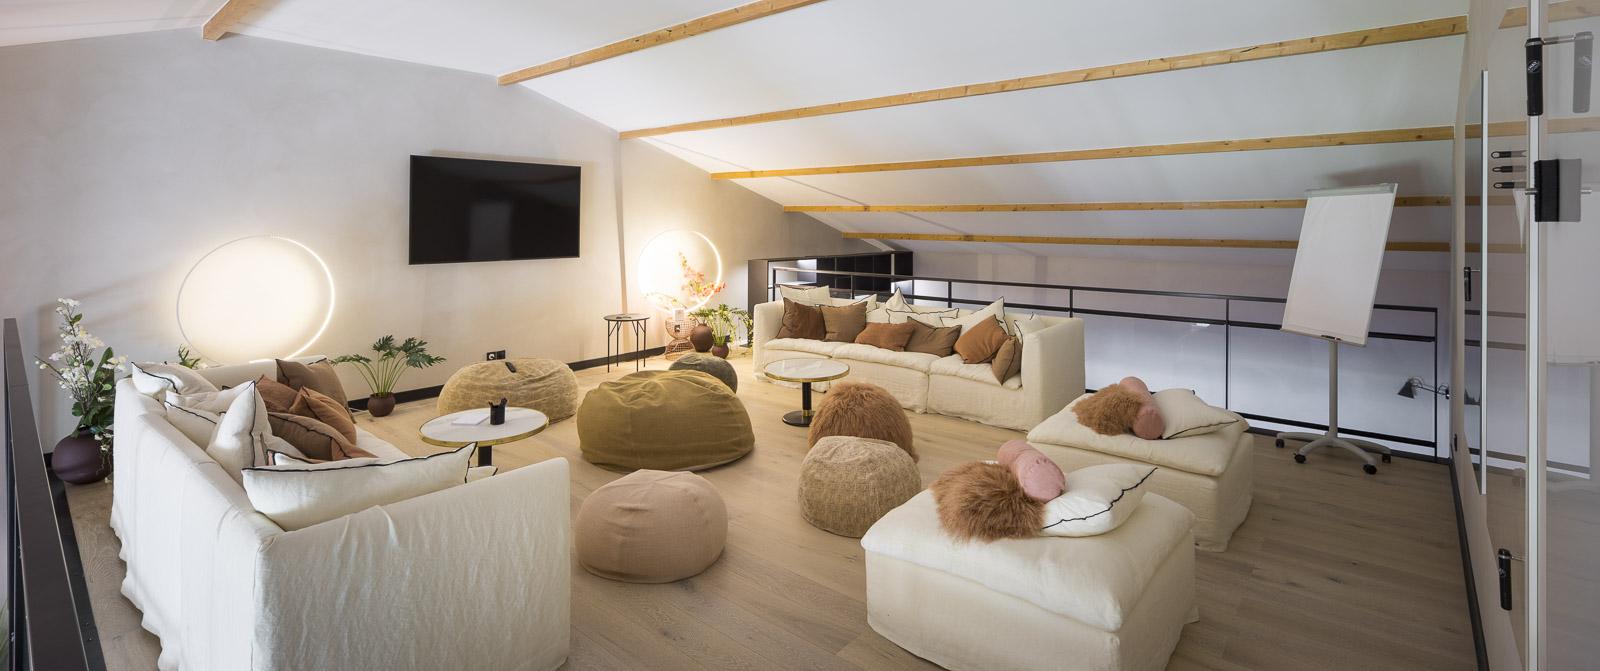 Chez Coco - Salon Cocoon